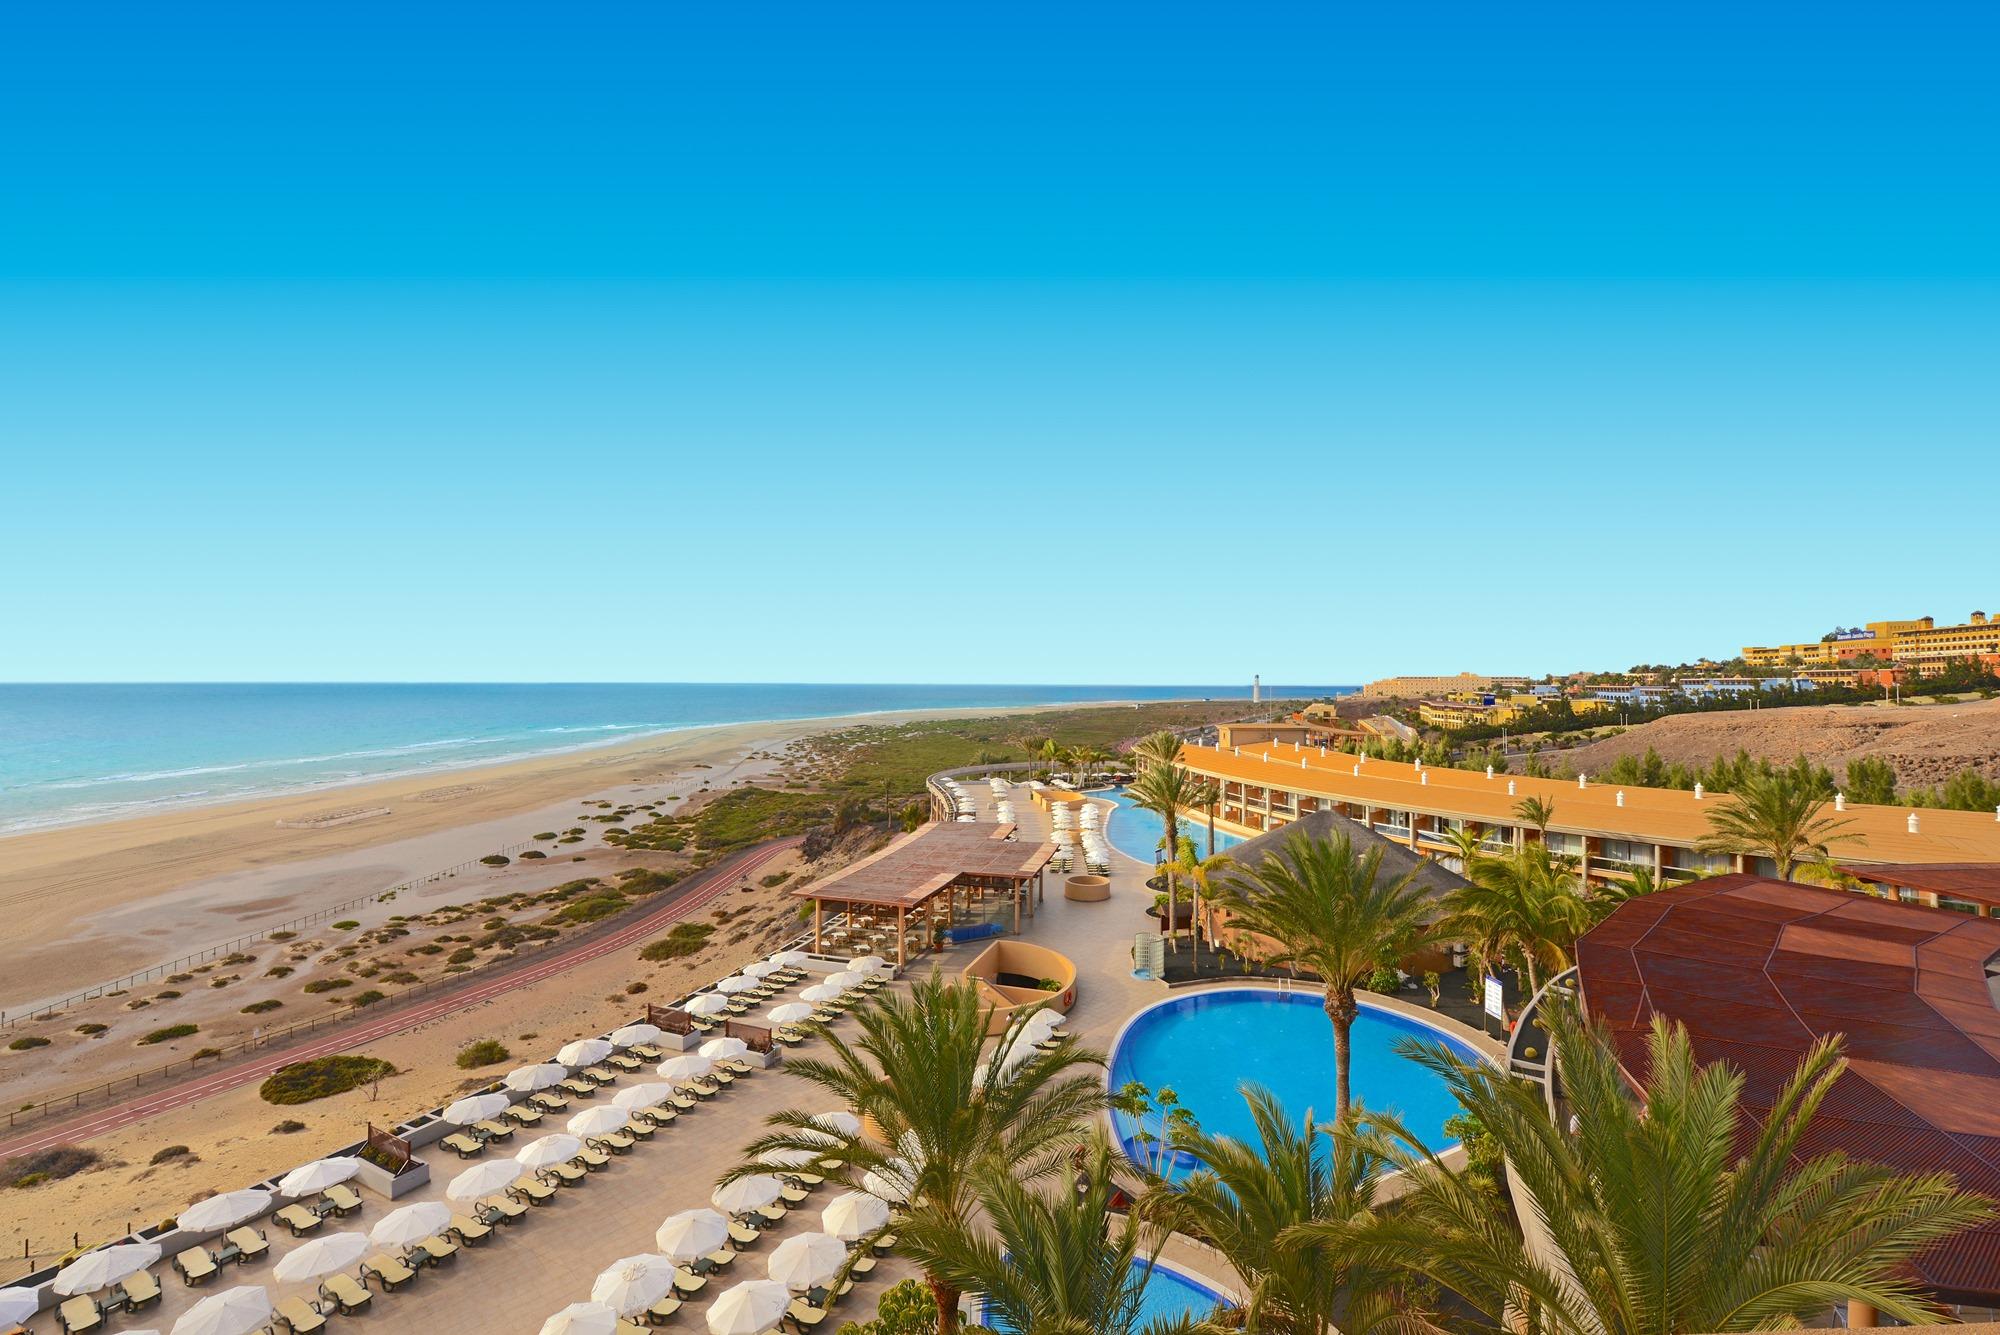 Vacaciones en fuerteventura desde 599 felicesvacaciones - Apartamentos todo incluido fuerteventura ...